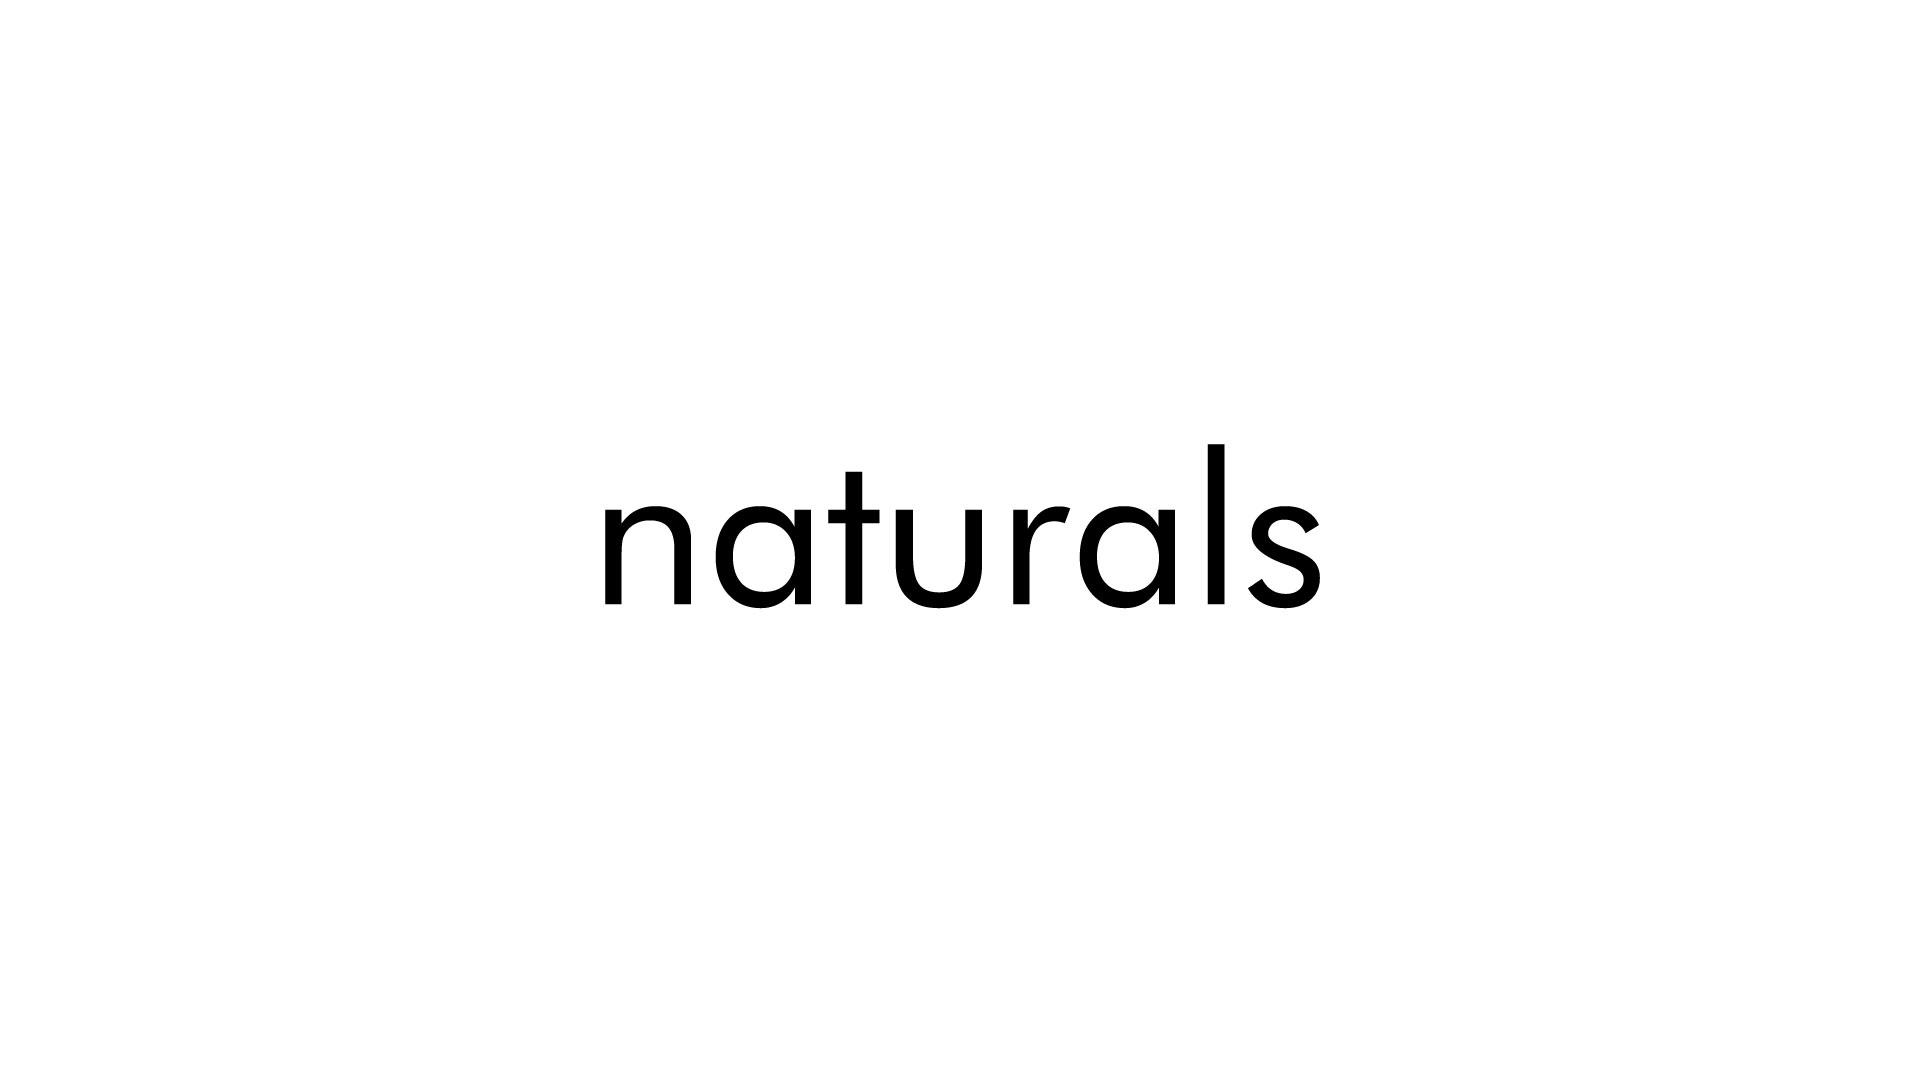 Naturals Soap White Logo